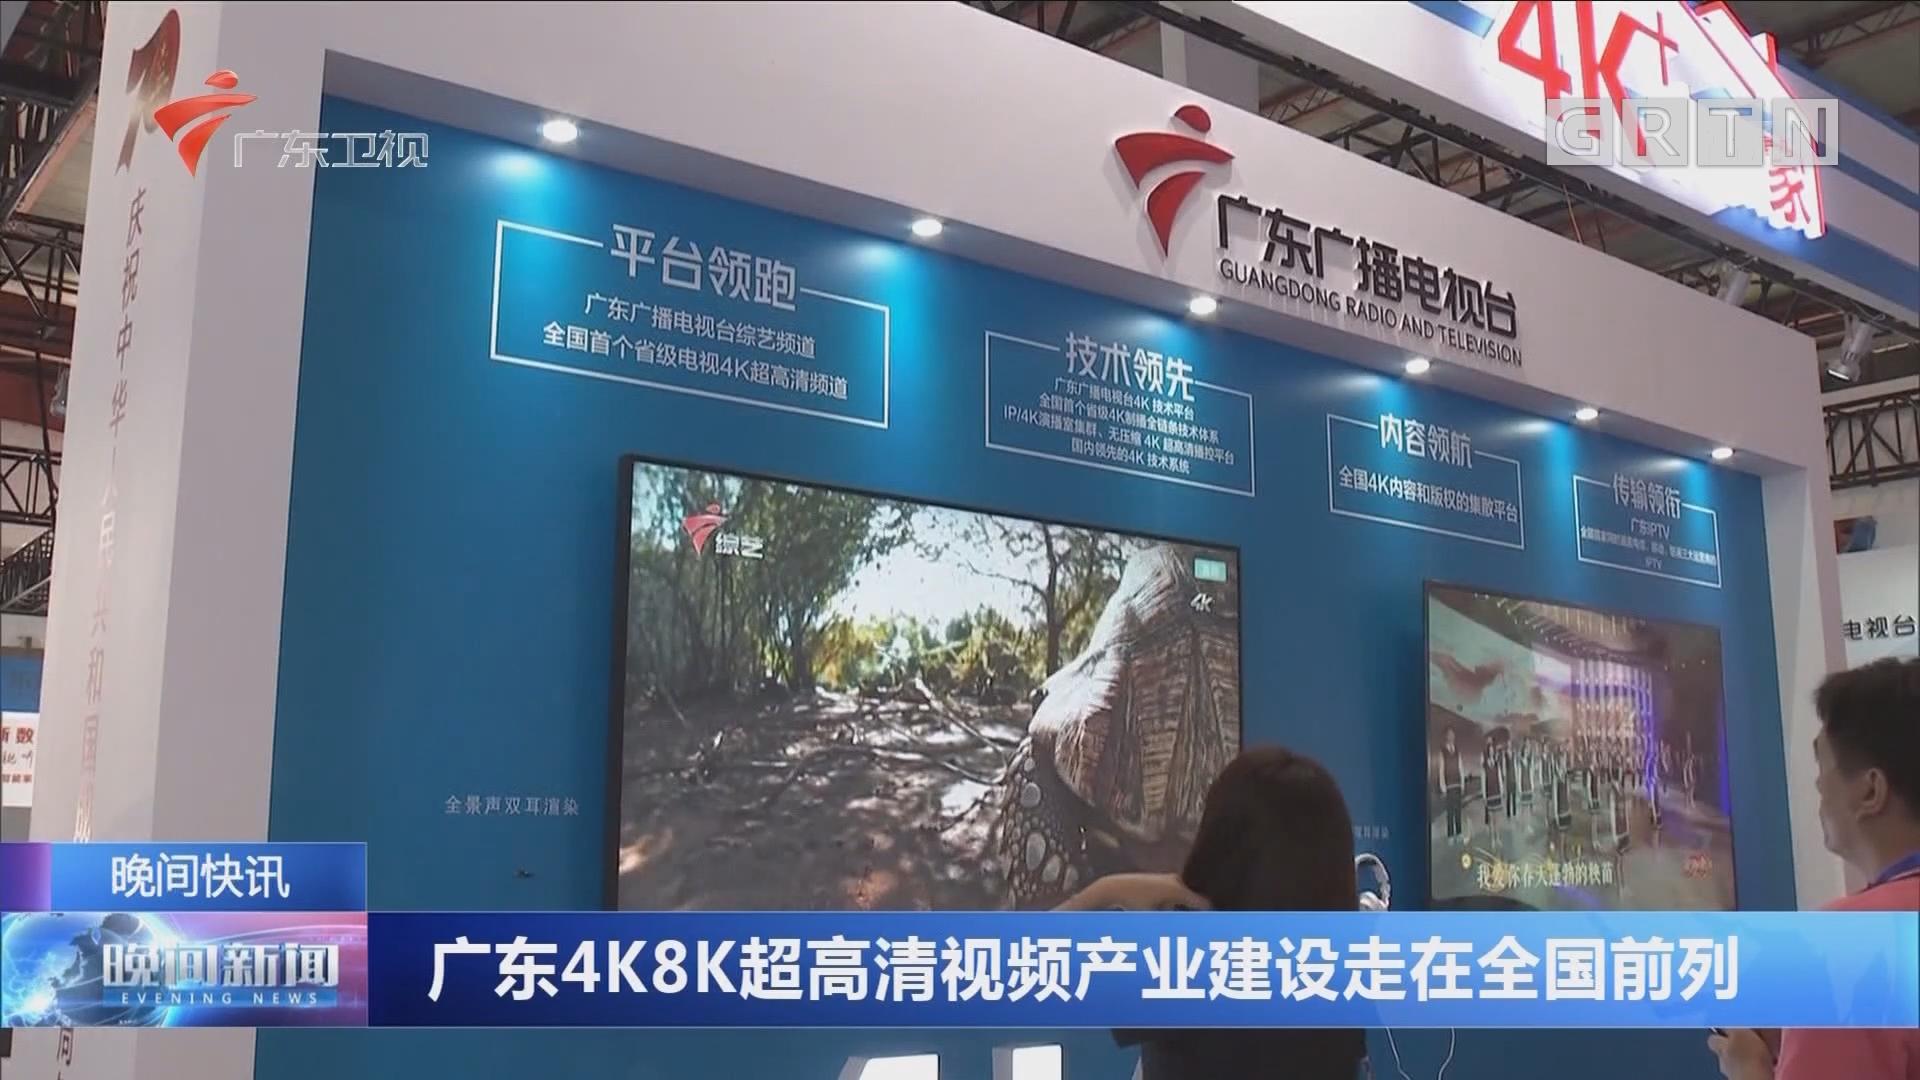 广东4K8K超高清视频产业建设走在全国前列